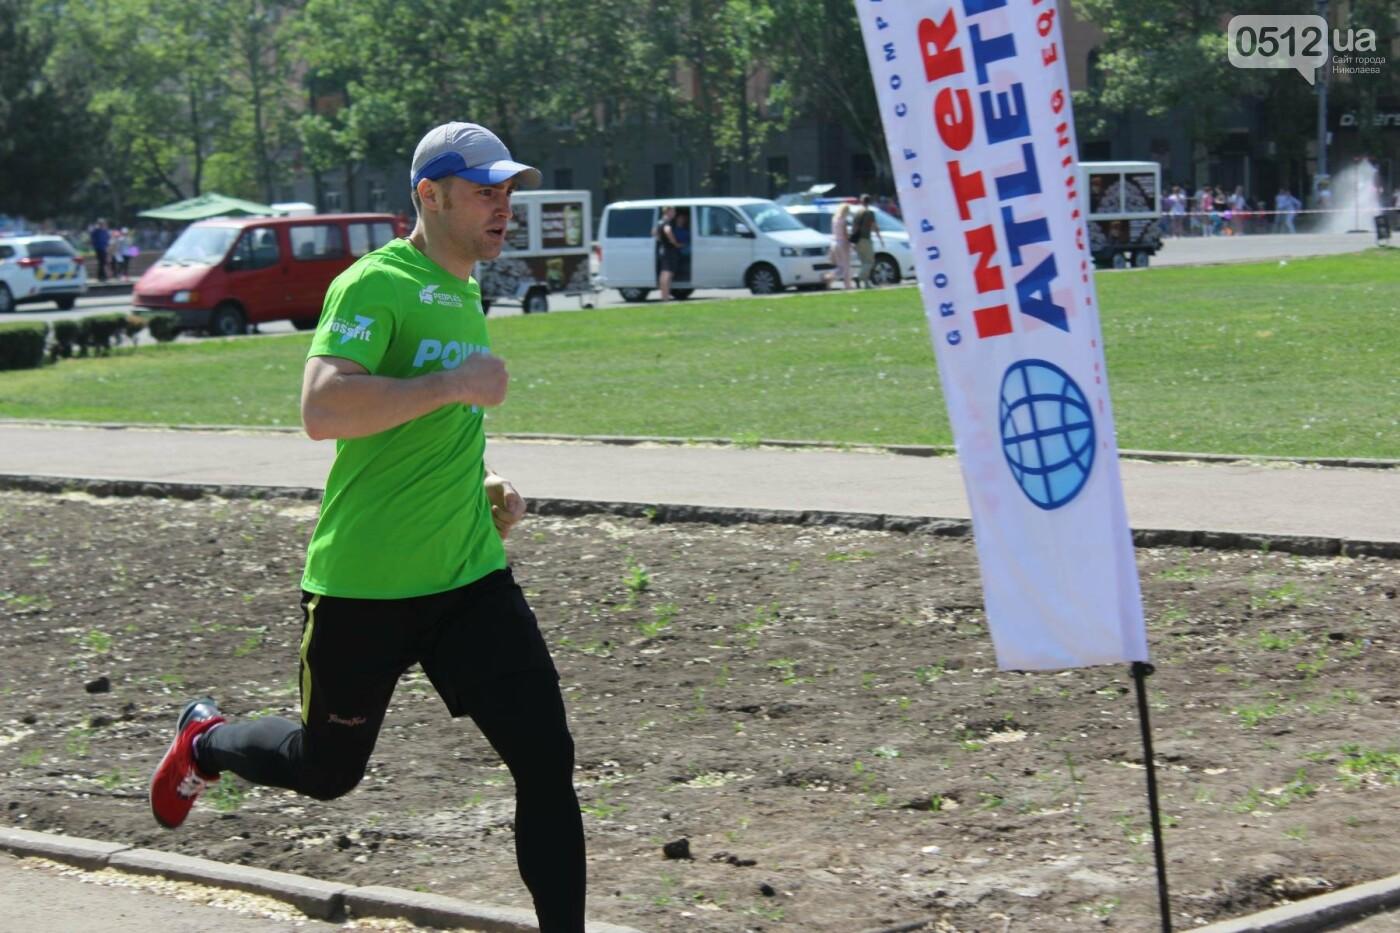 Кто сильнее: в Николаеве прошли соревнования по кроссфиту среди силовых структур, - ФОТО, ВИДЕО, фото-10